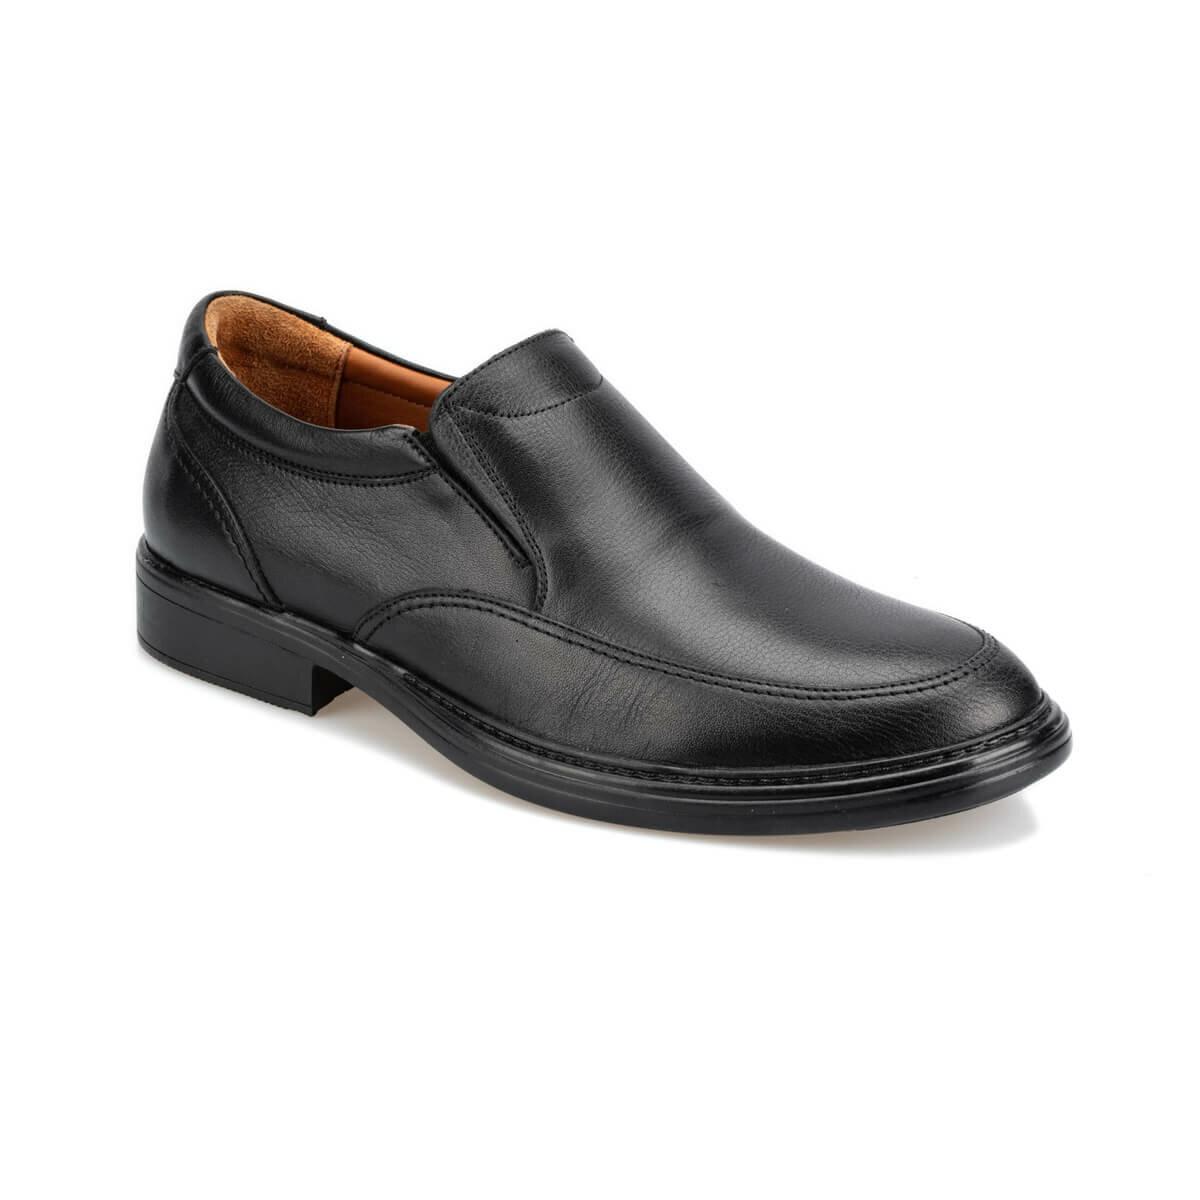 FLO 92.200882.m zapatos negros Polaris 5 puntos